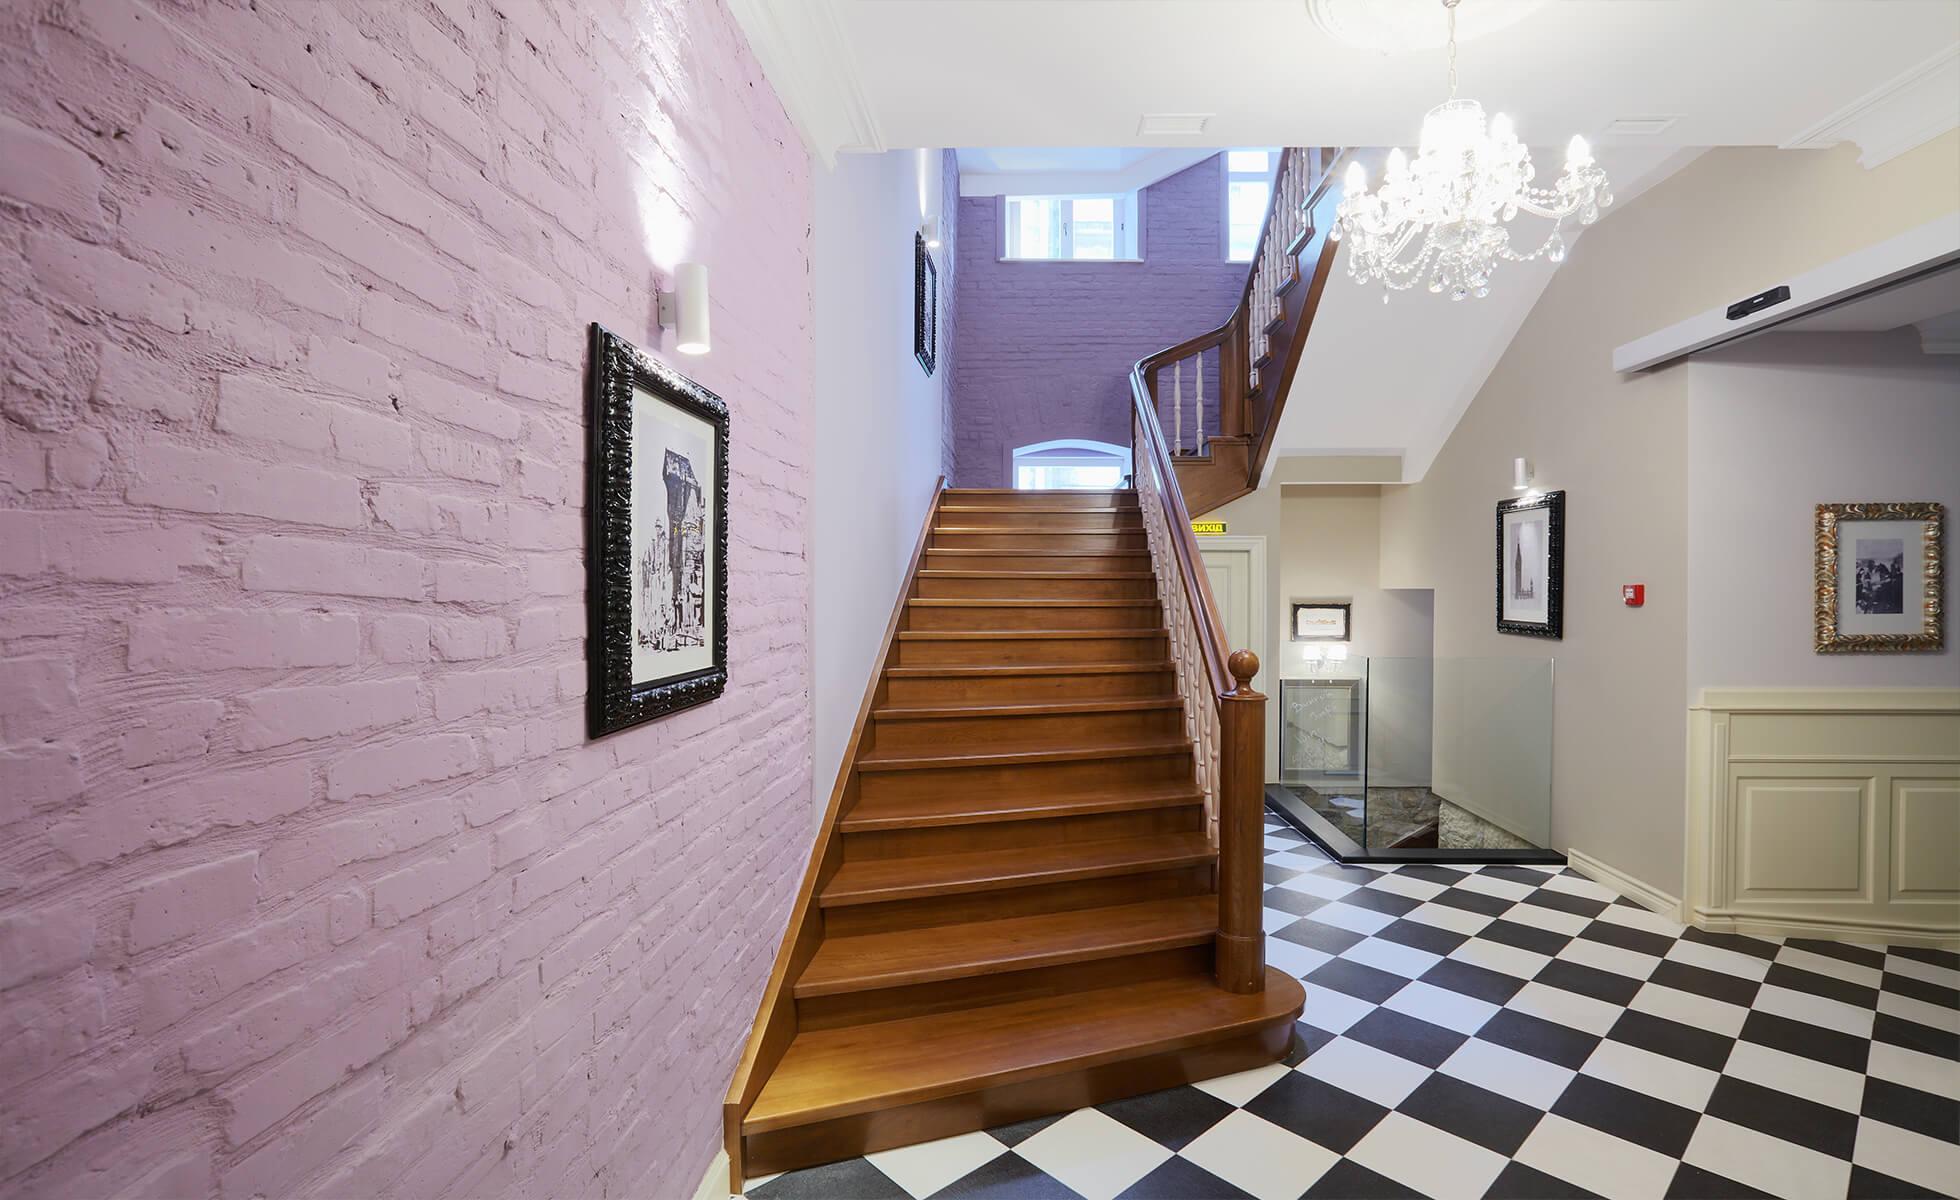 Крім сходів у готелі є і ліфт